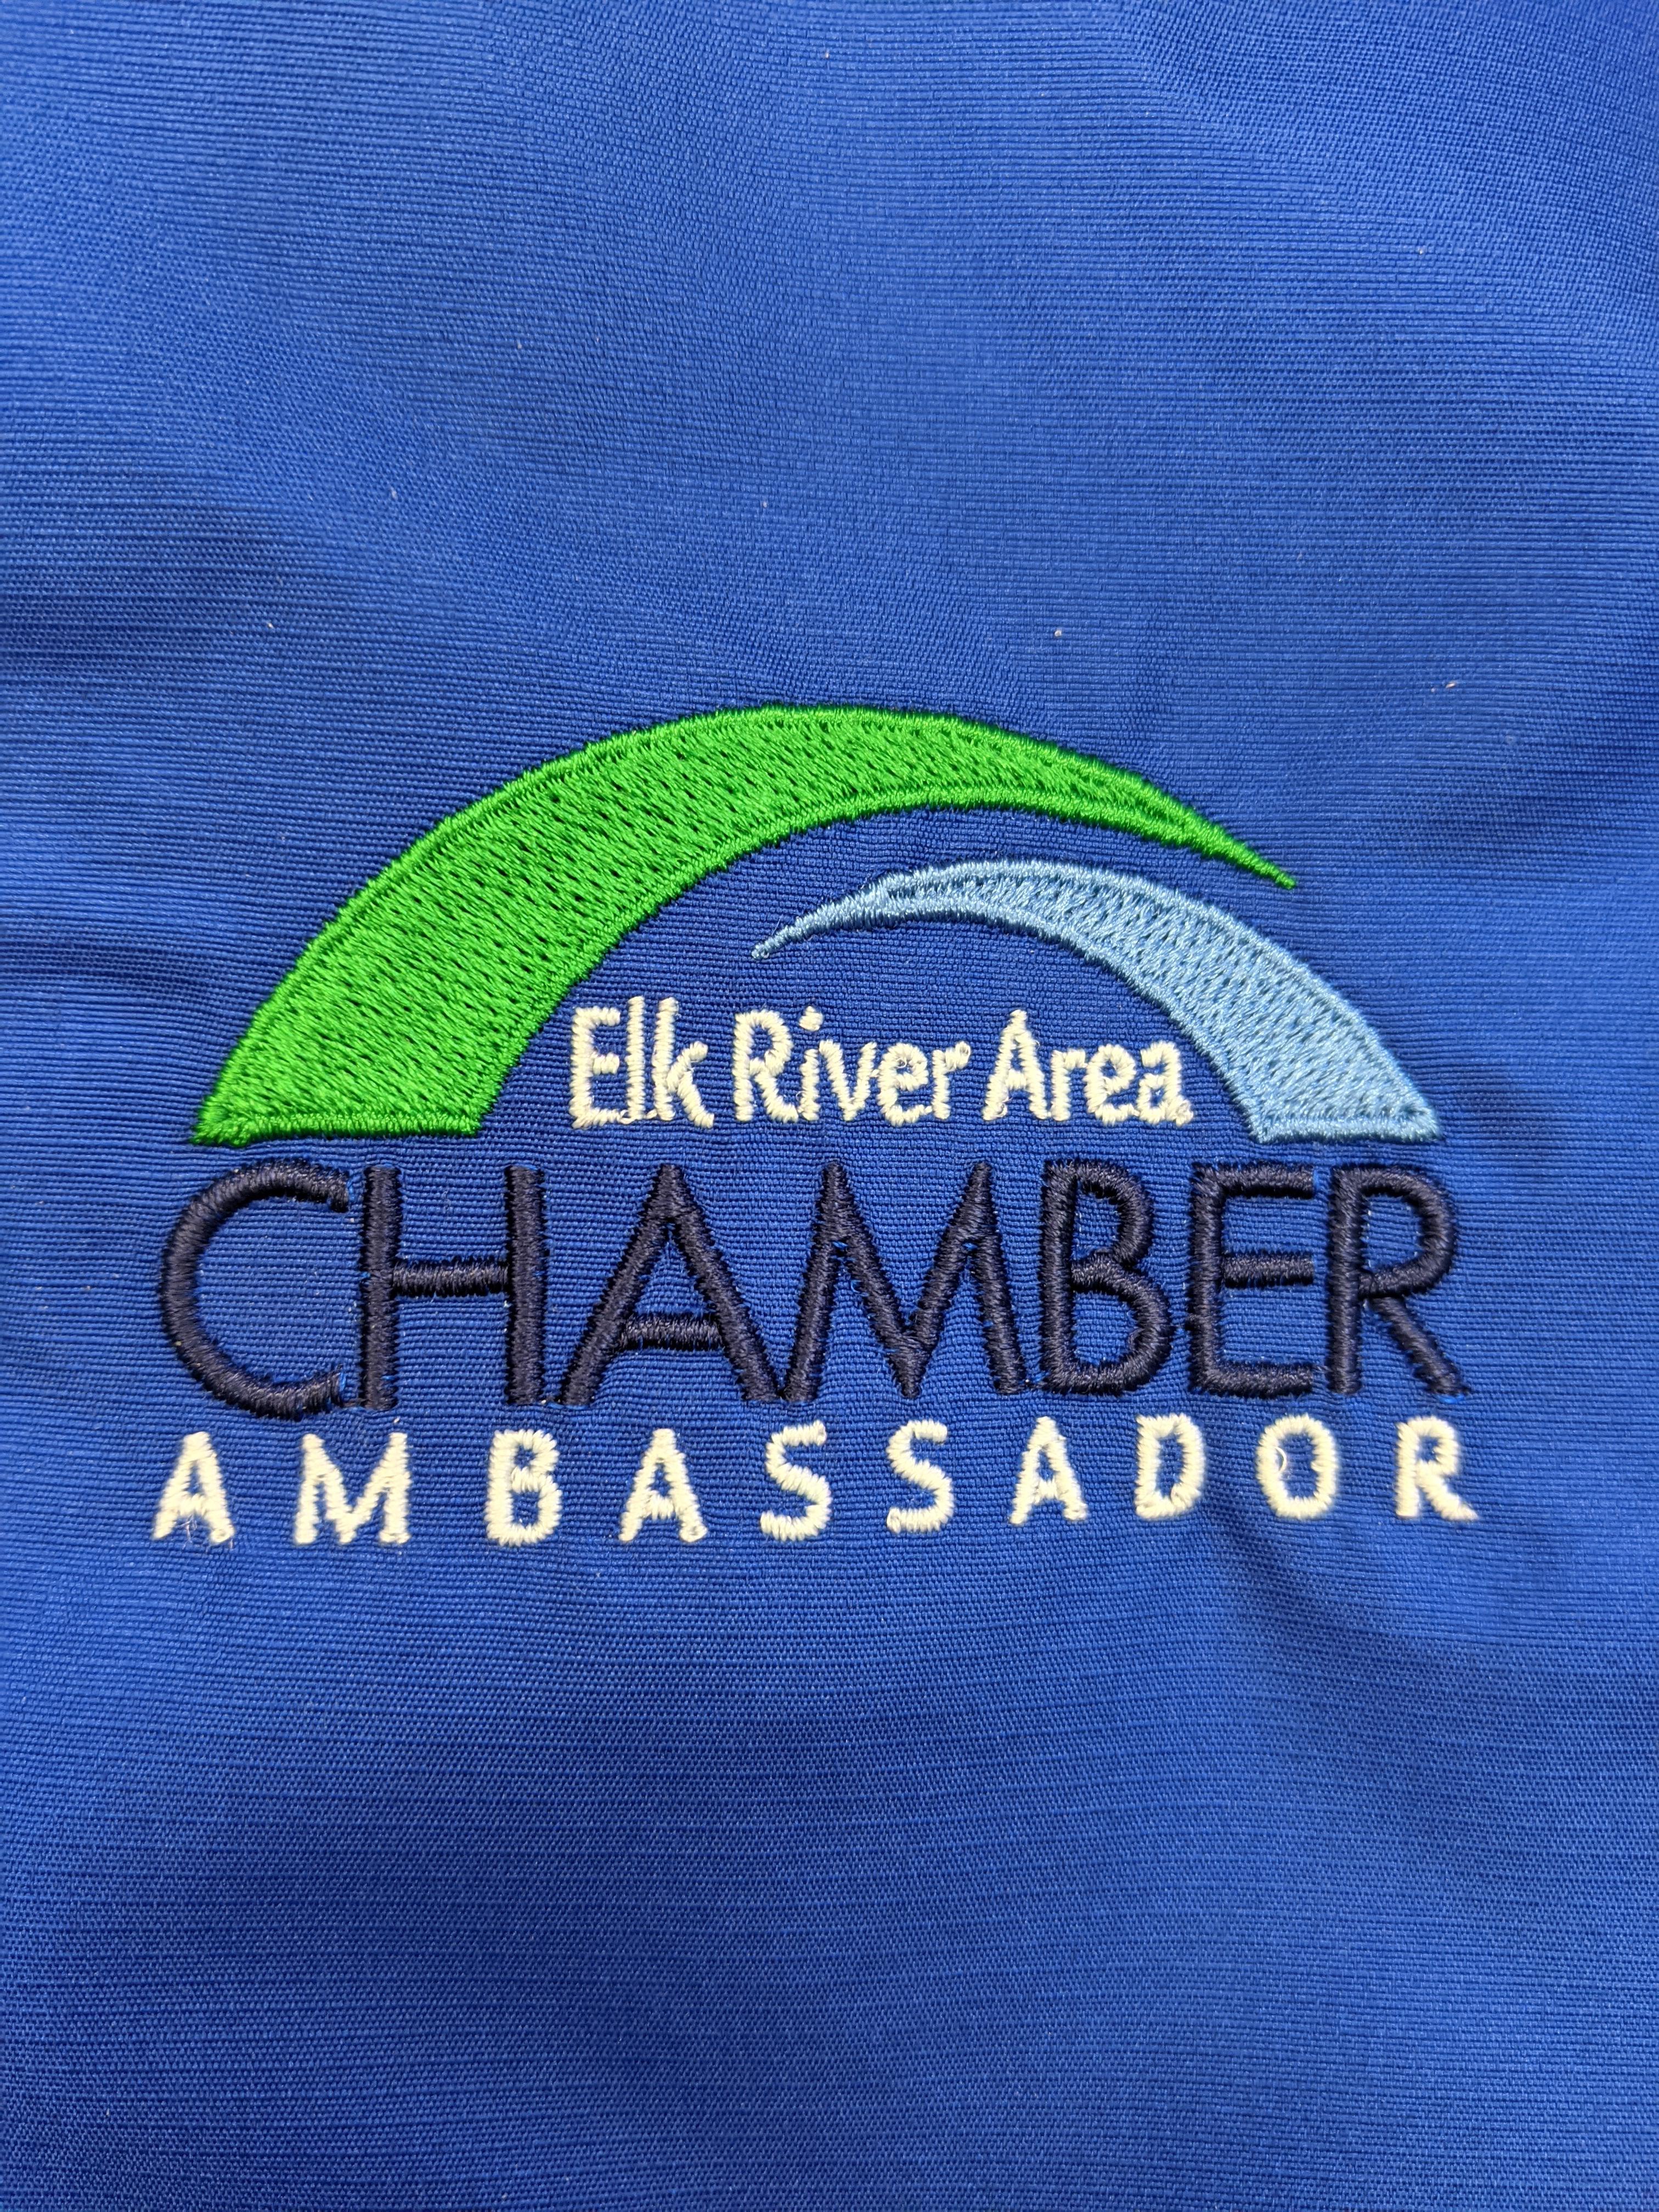 Image for Ambassador Visit August 2021